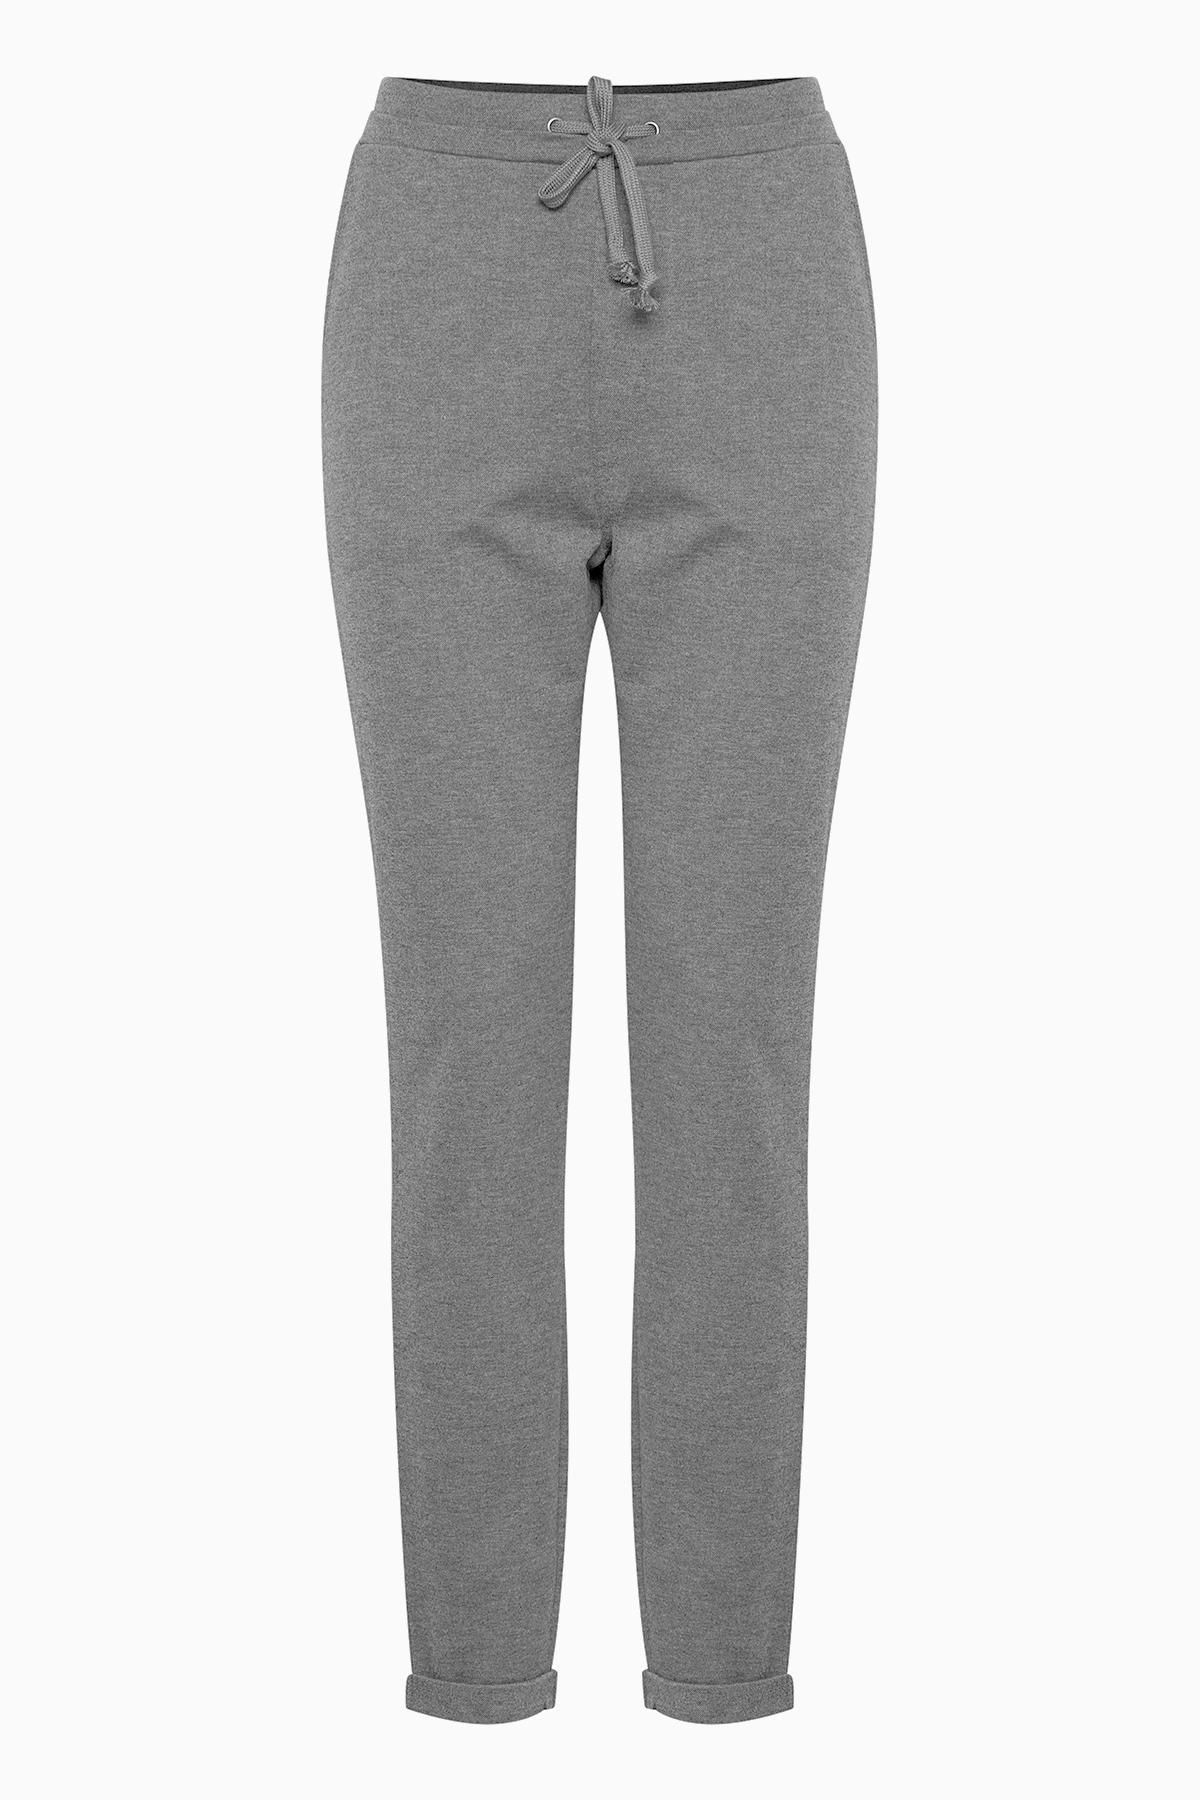 Mörk gråmelerad Casual byxor från Fransa – Köp Mörk gråmelerad Casual byxor från stl. XS-XXL här